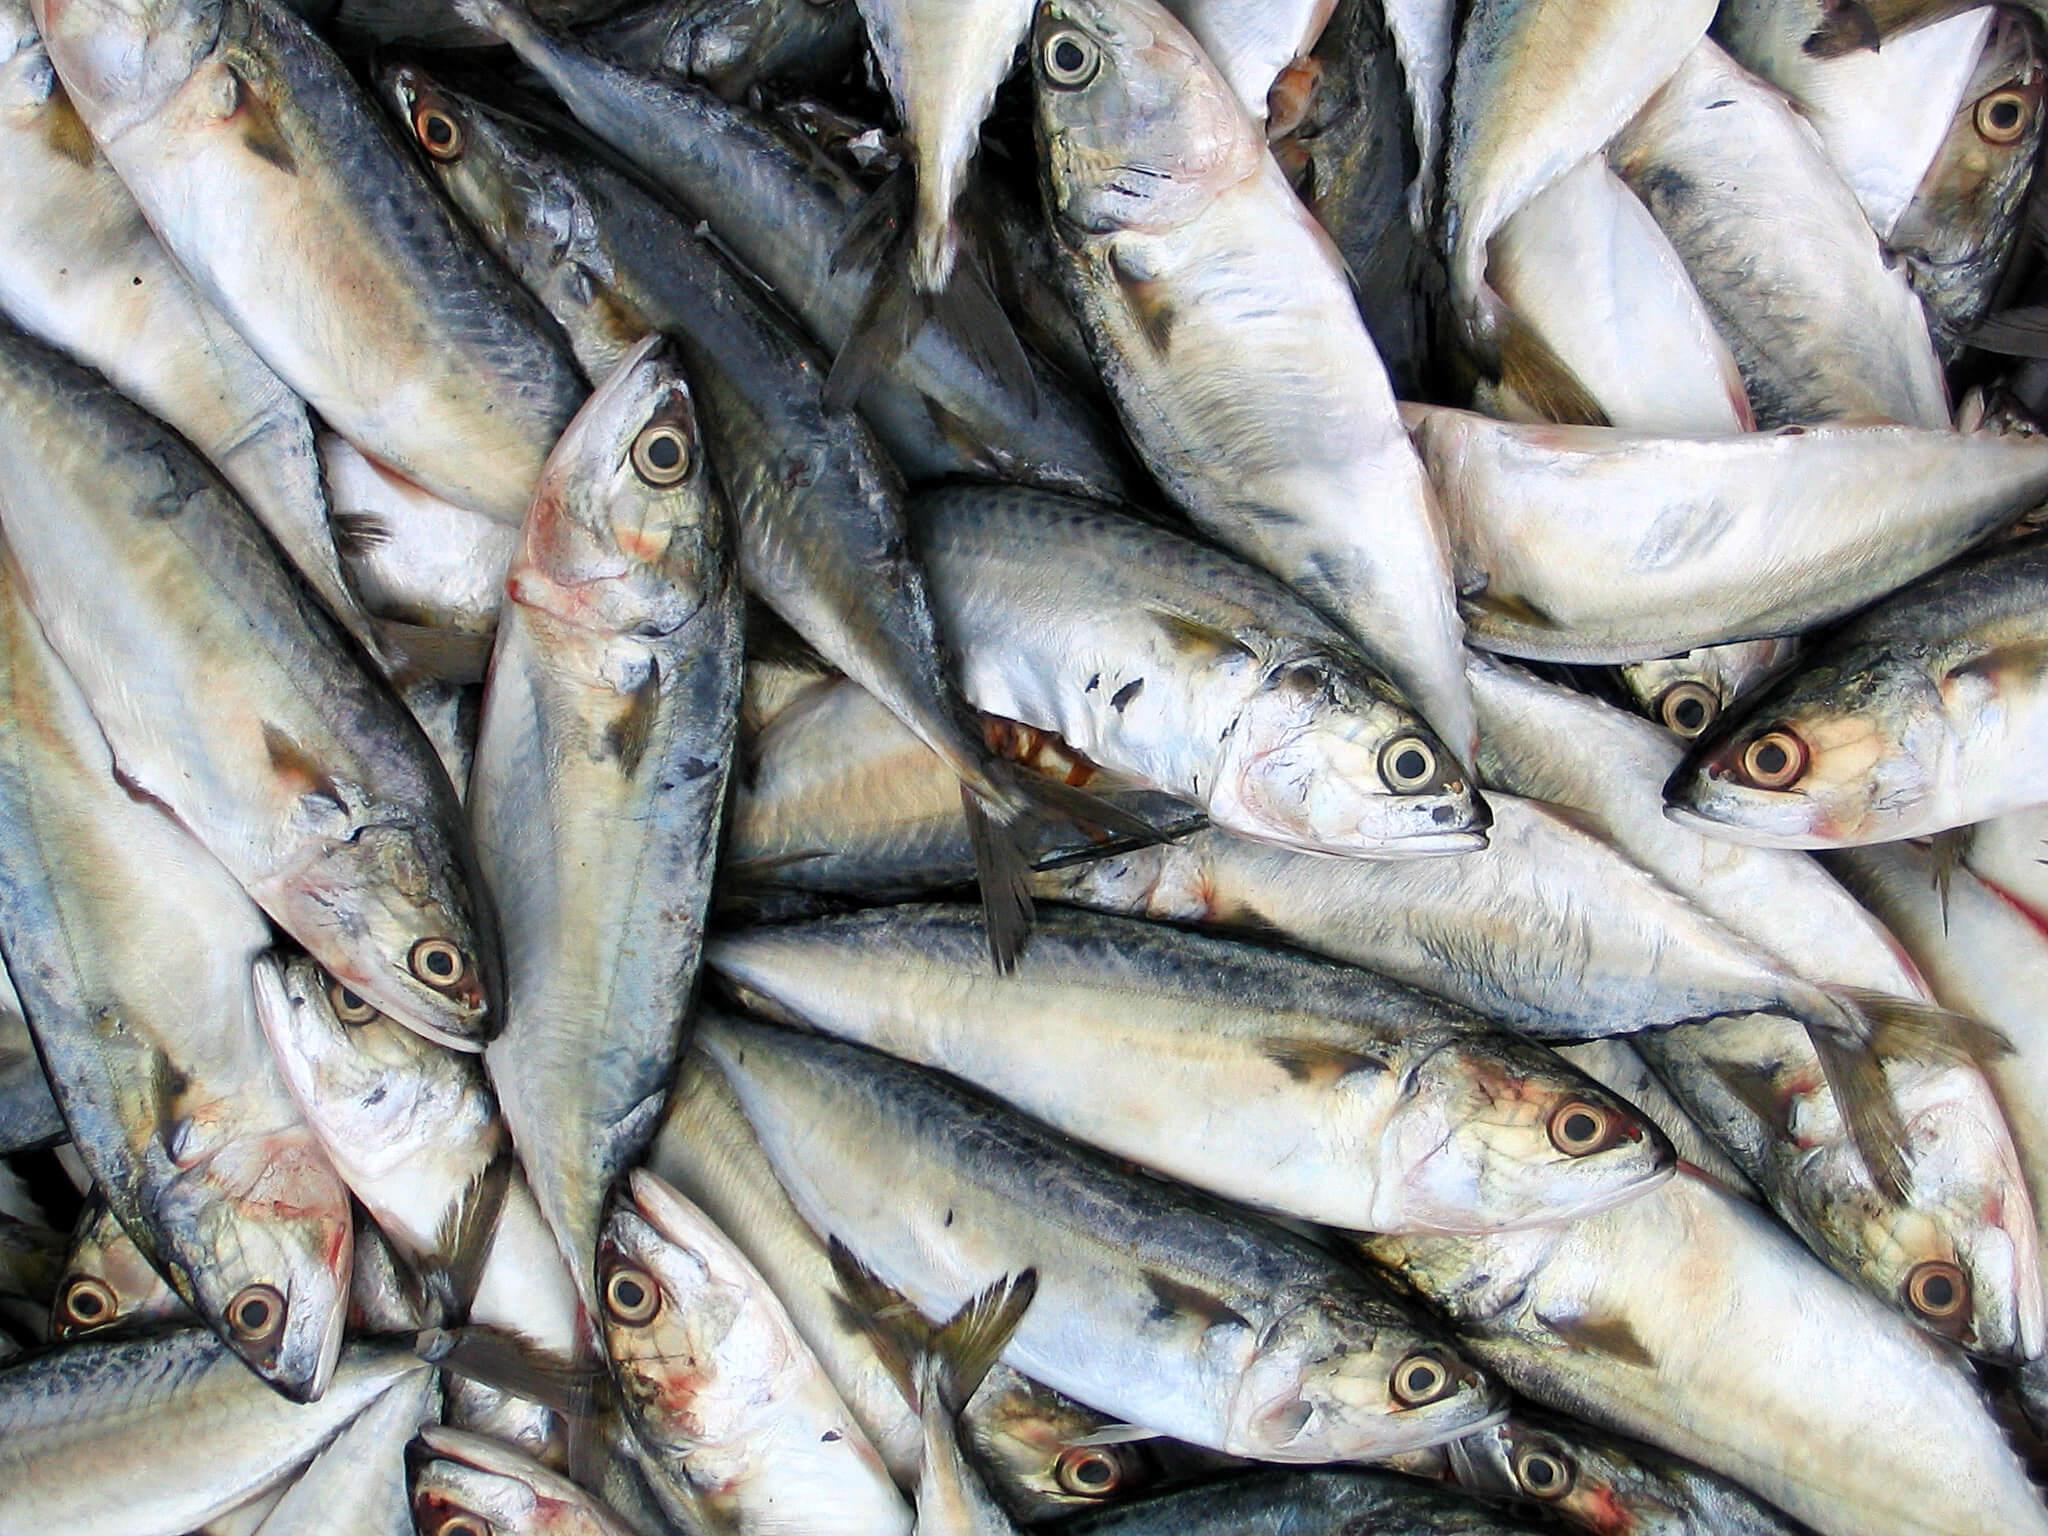 sardine fish sxc 196479